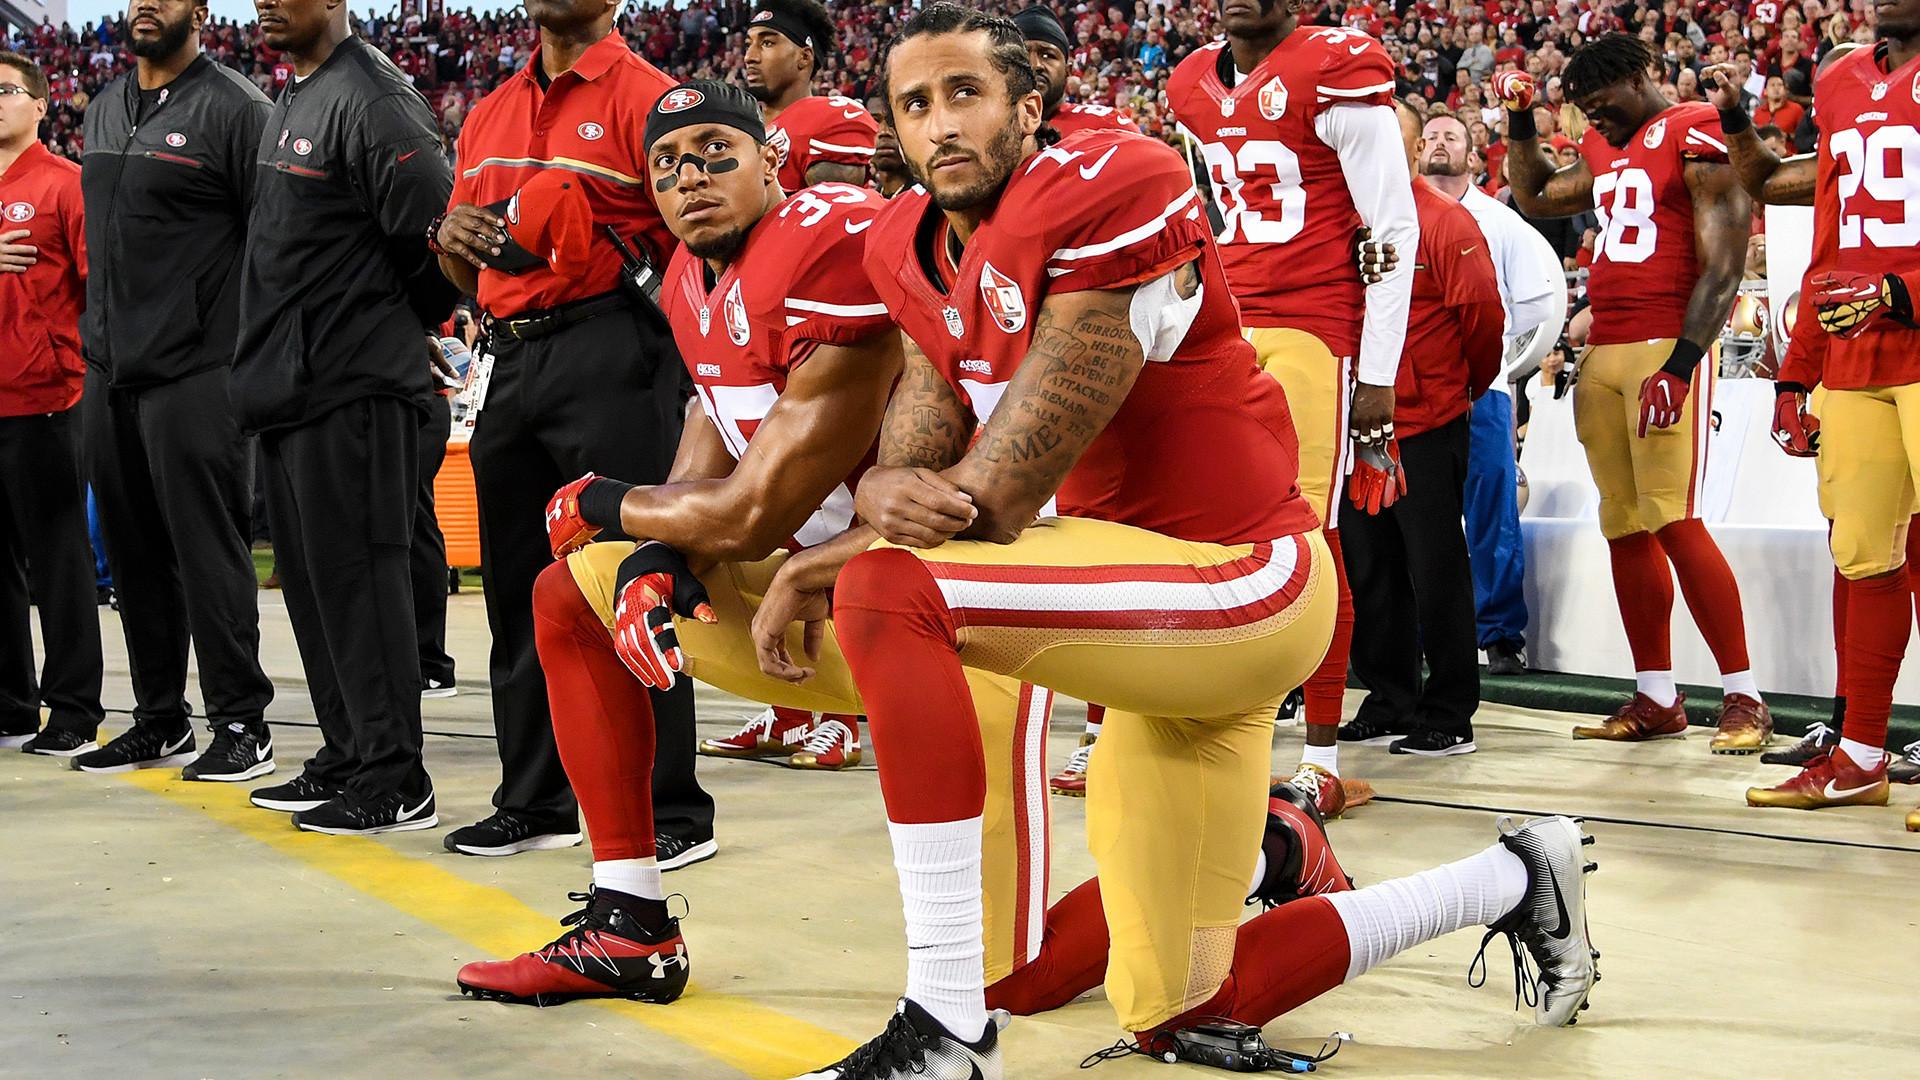 «Virez moi ces fils de p*te» : Trump s'en prend aux sportifs refusant de saluer l'hymne américain